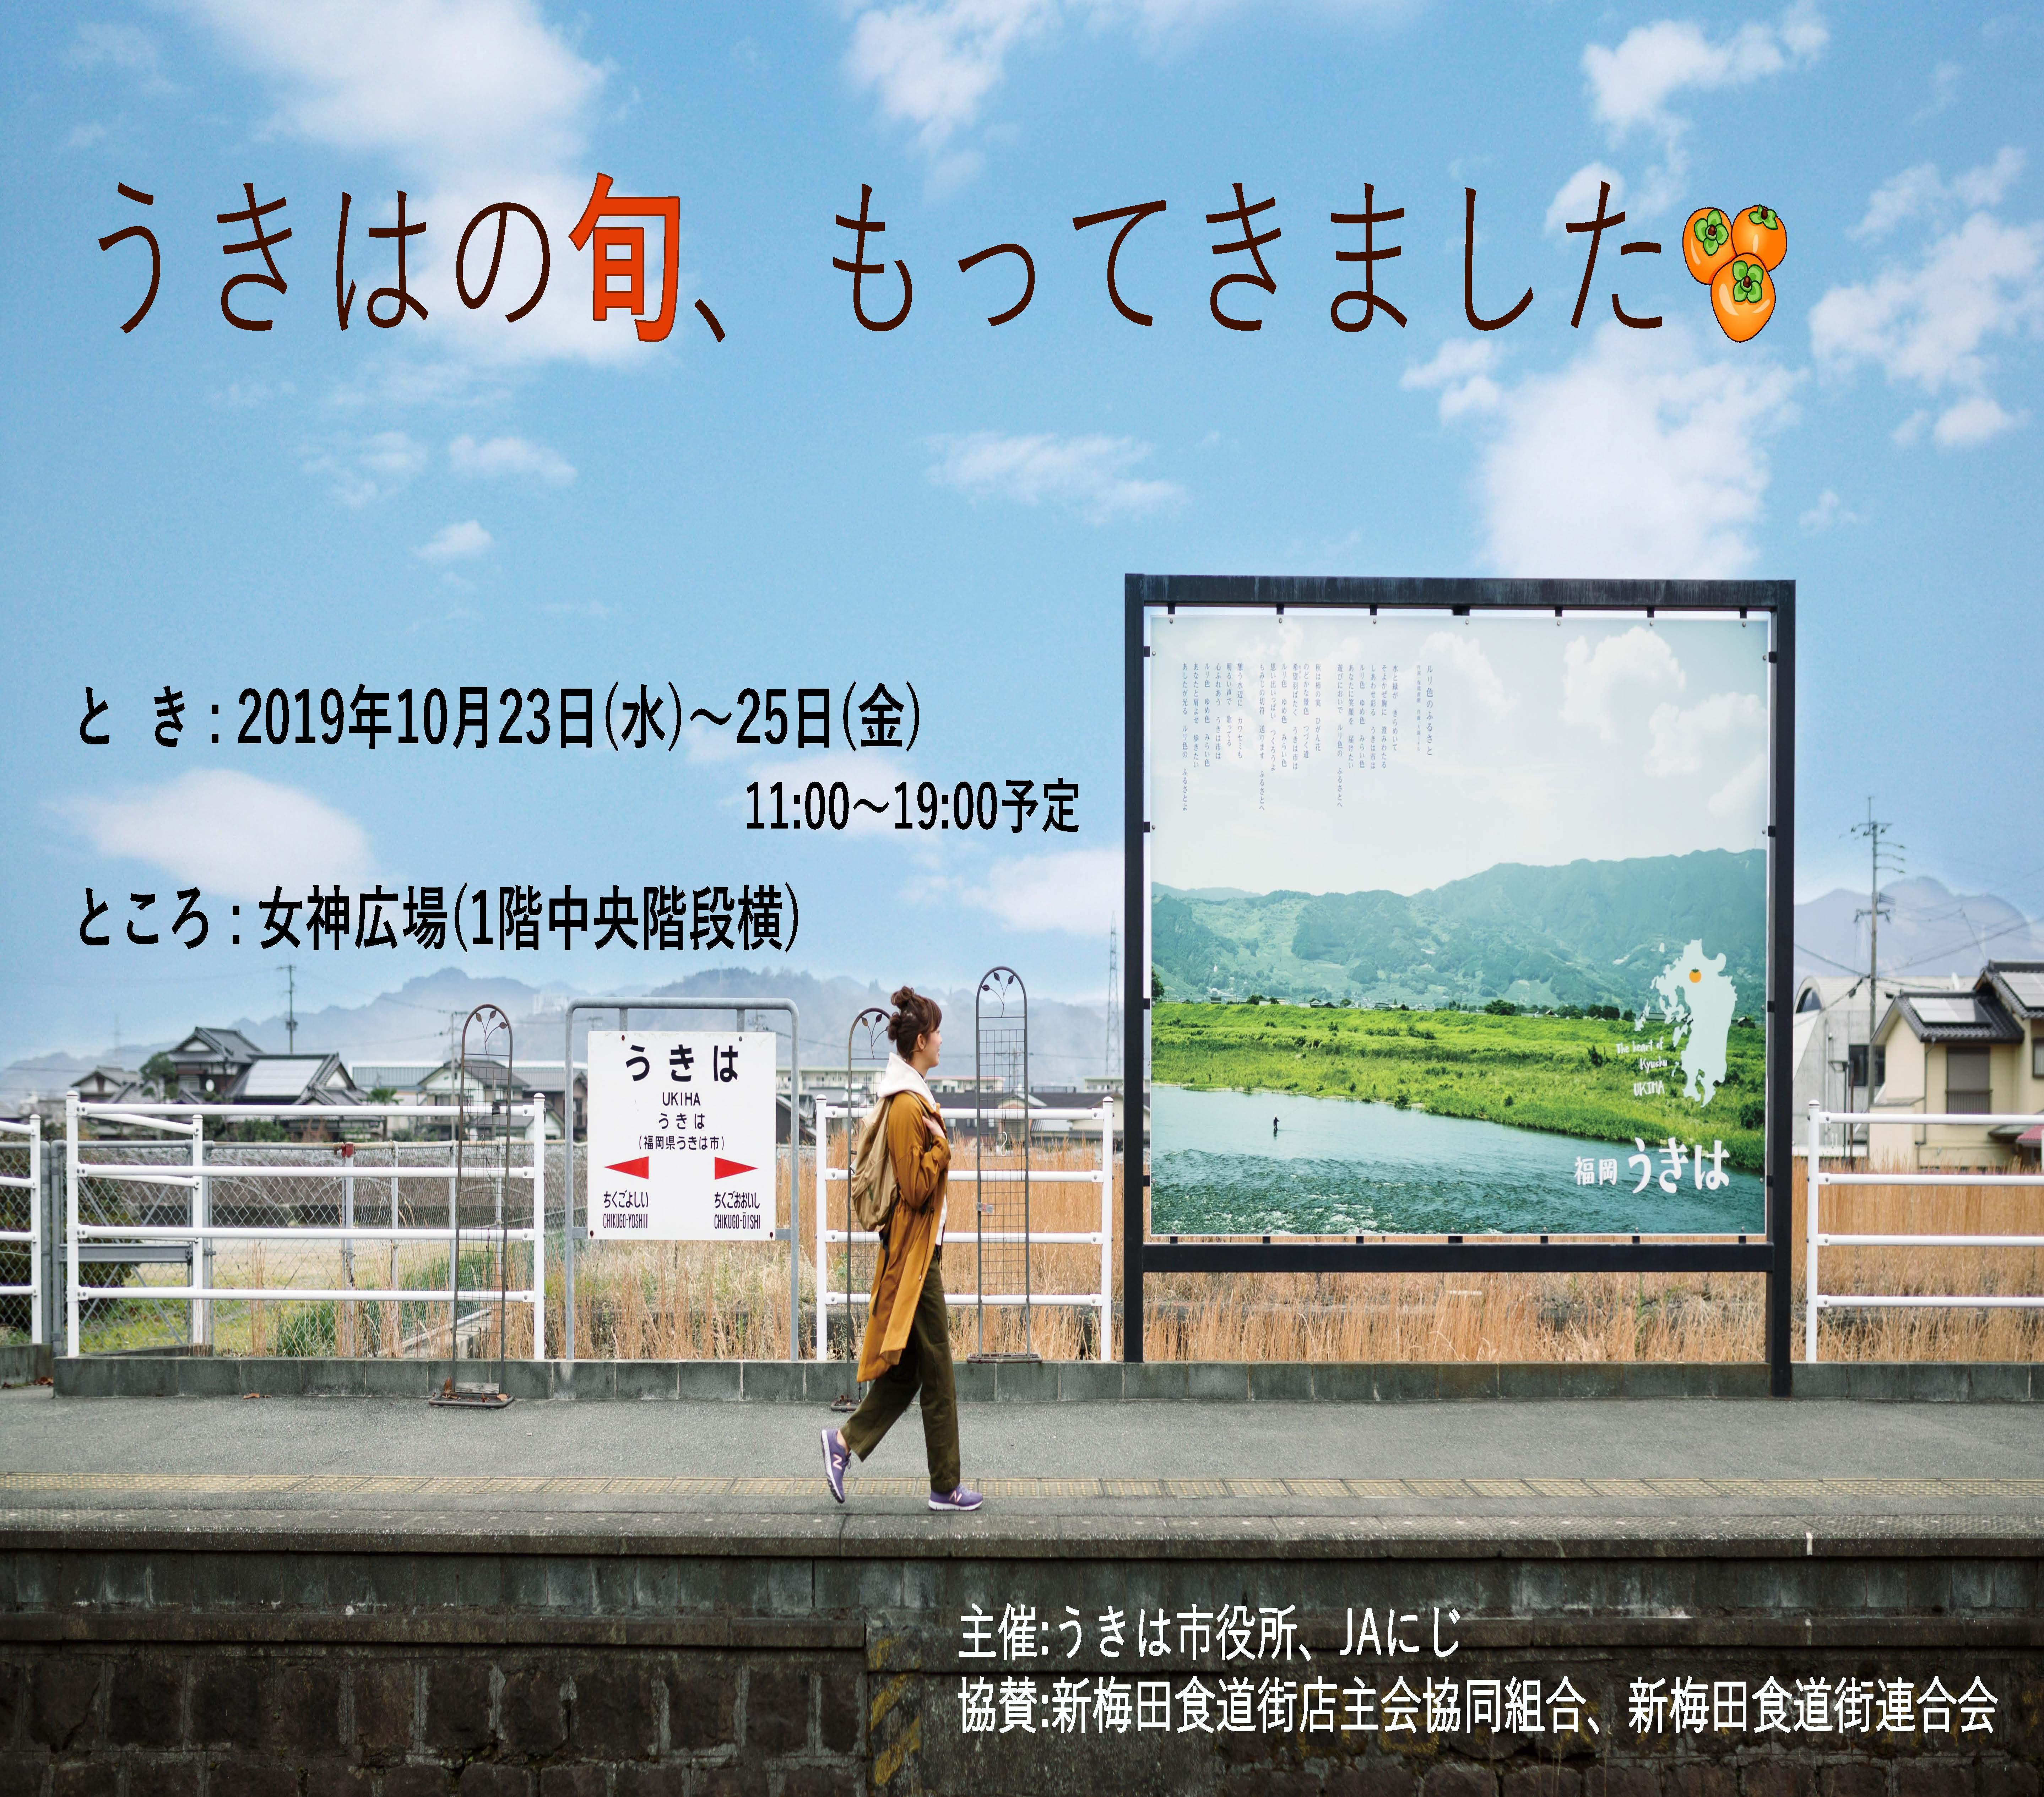 福岡県うきは市から「うきはの旬、もってました」物産展は終了いたしました。ありがとうございました。